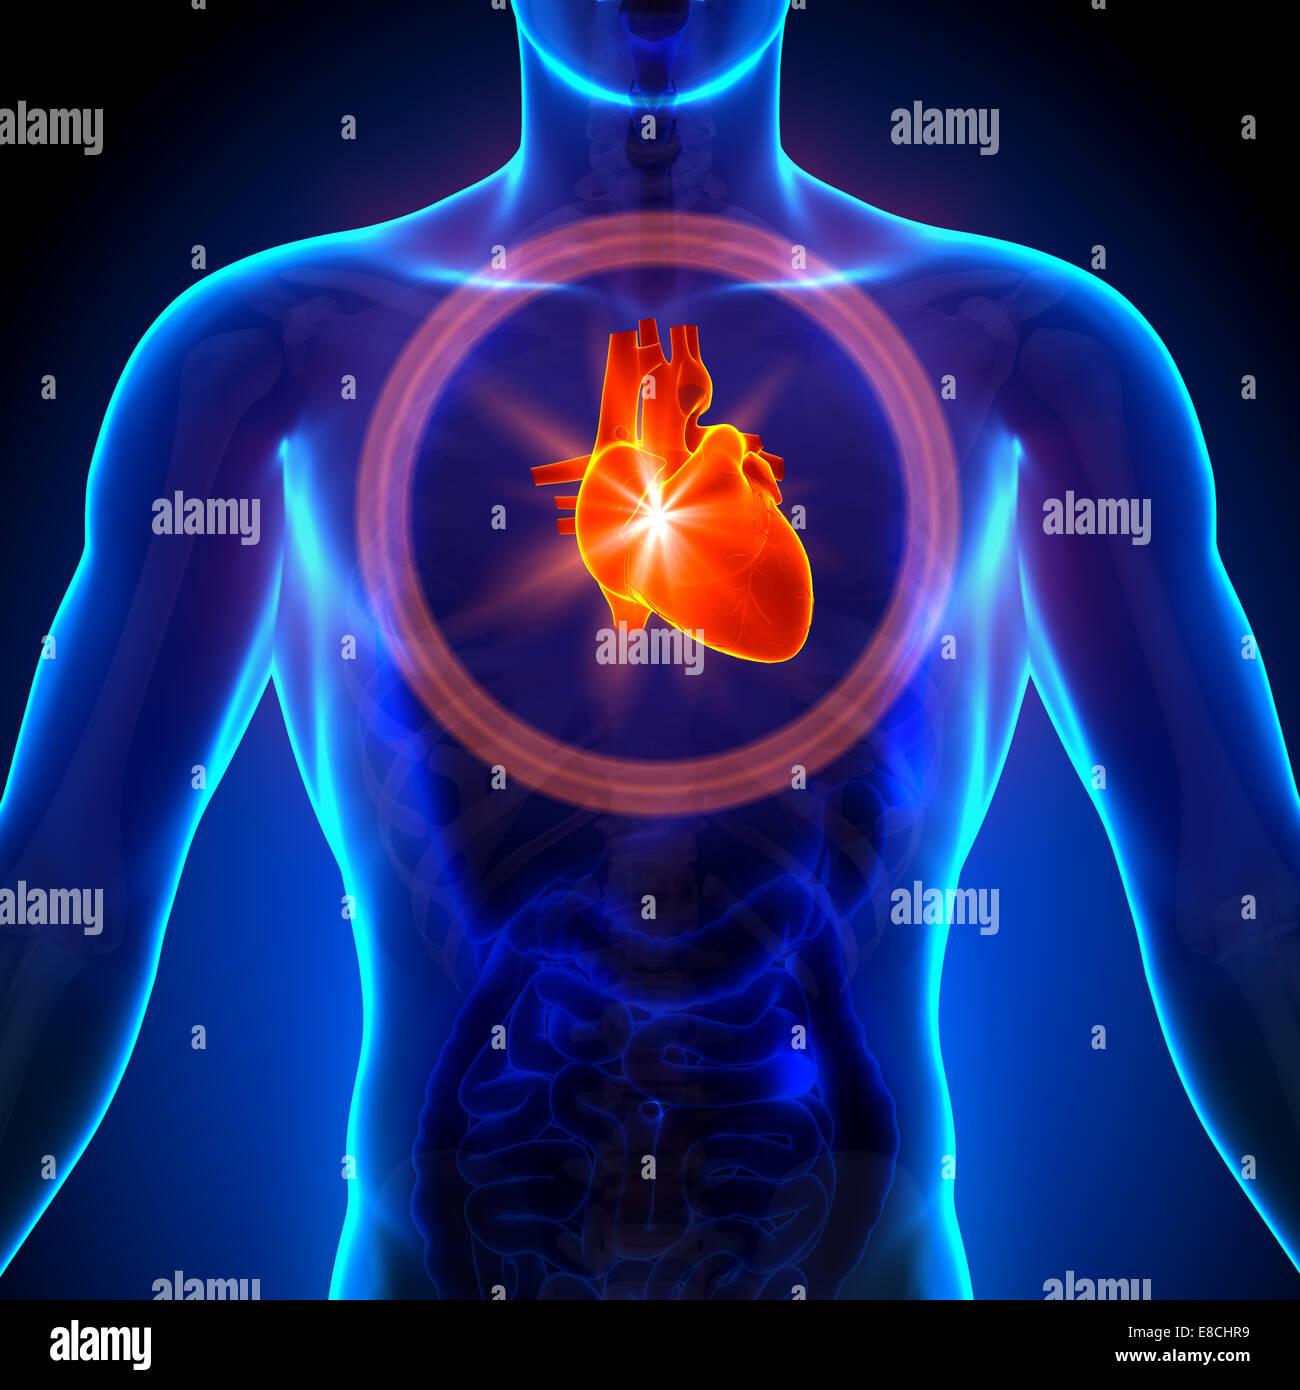 Magnífico Anatomía De órganos Humanos Colección de Imágenes ...